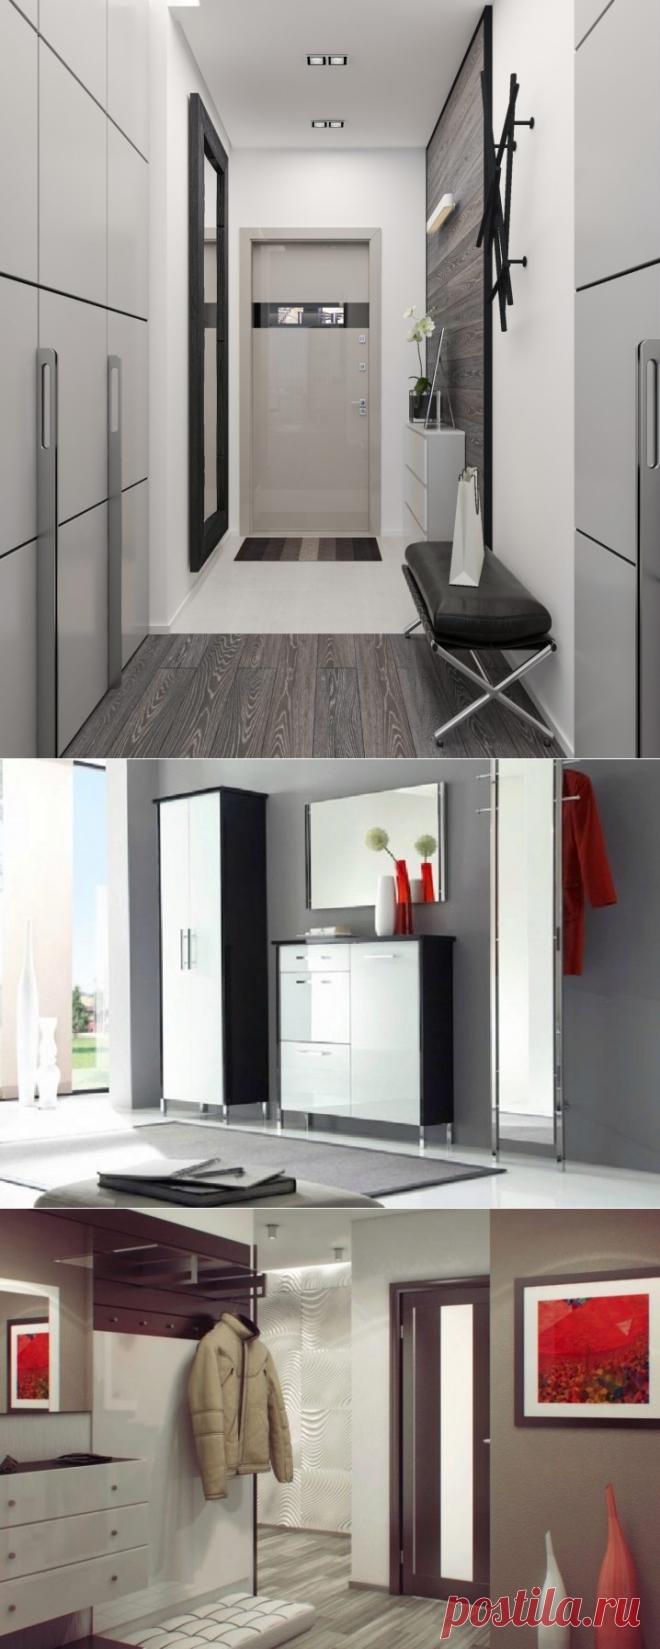 Прихожие в стиле хай-тек (59 фото): дизайн интерьера с белой и другой мебелью, выбор настенных крючков в коридор, оформление маленькой и большой прихожей